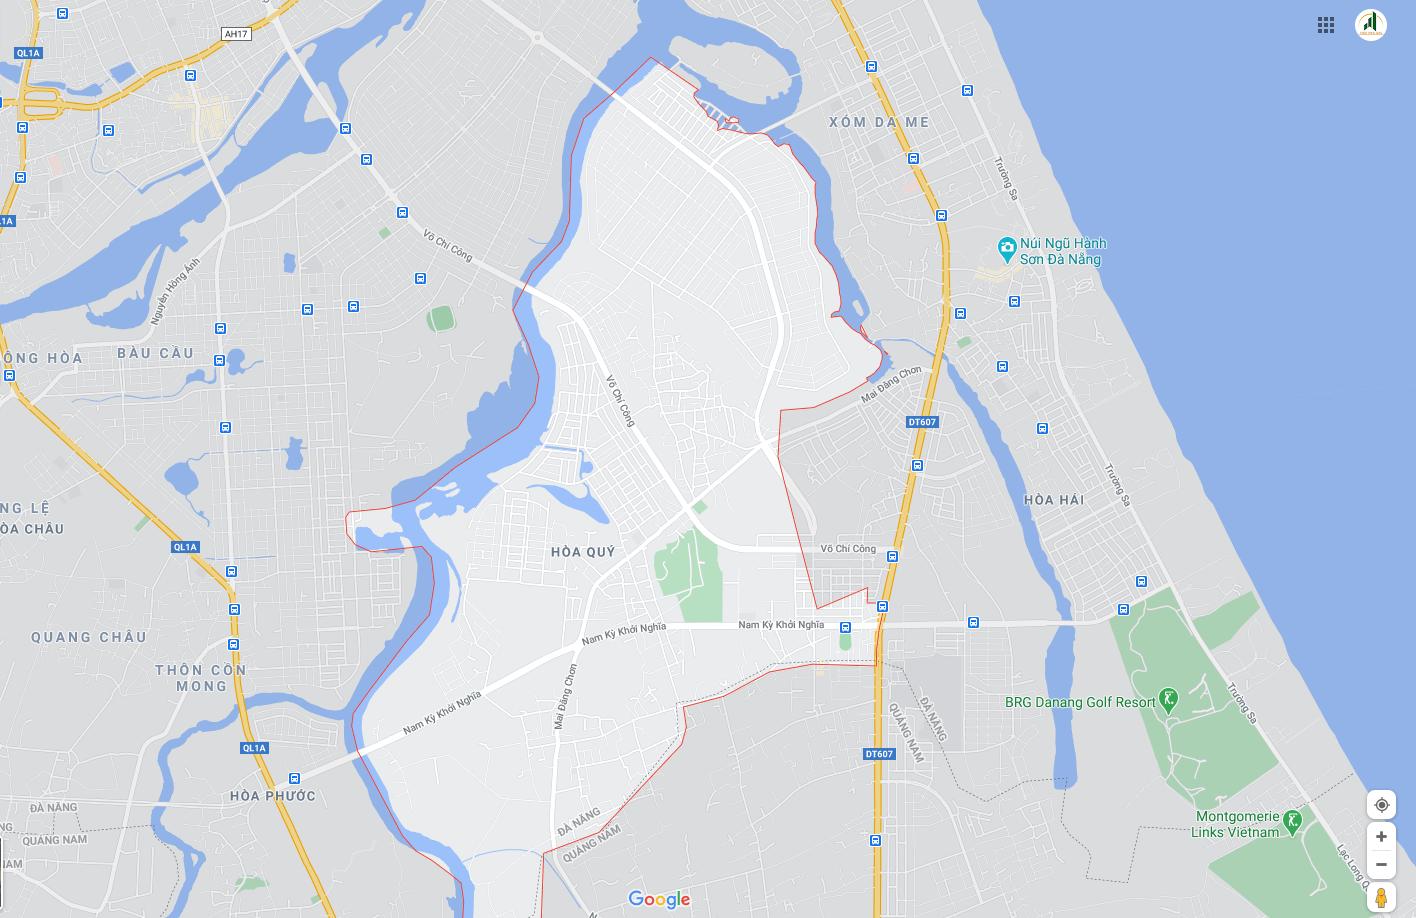 sơ đồ vị trí đất Hòa Qúy